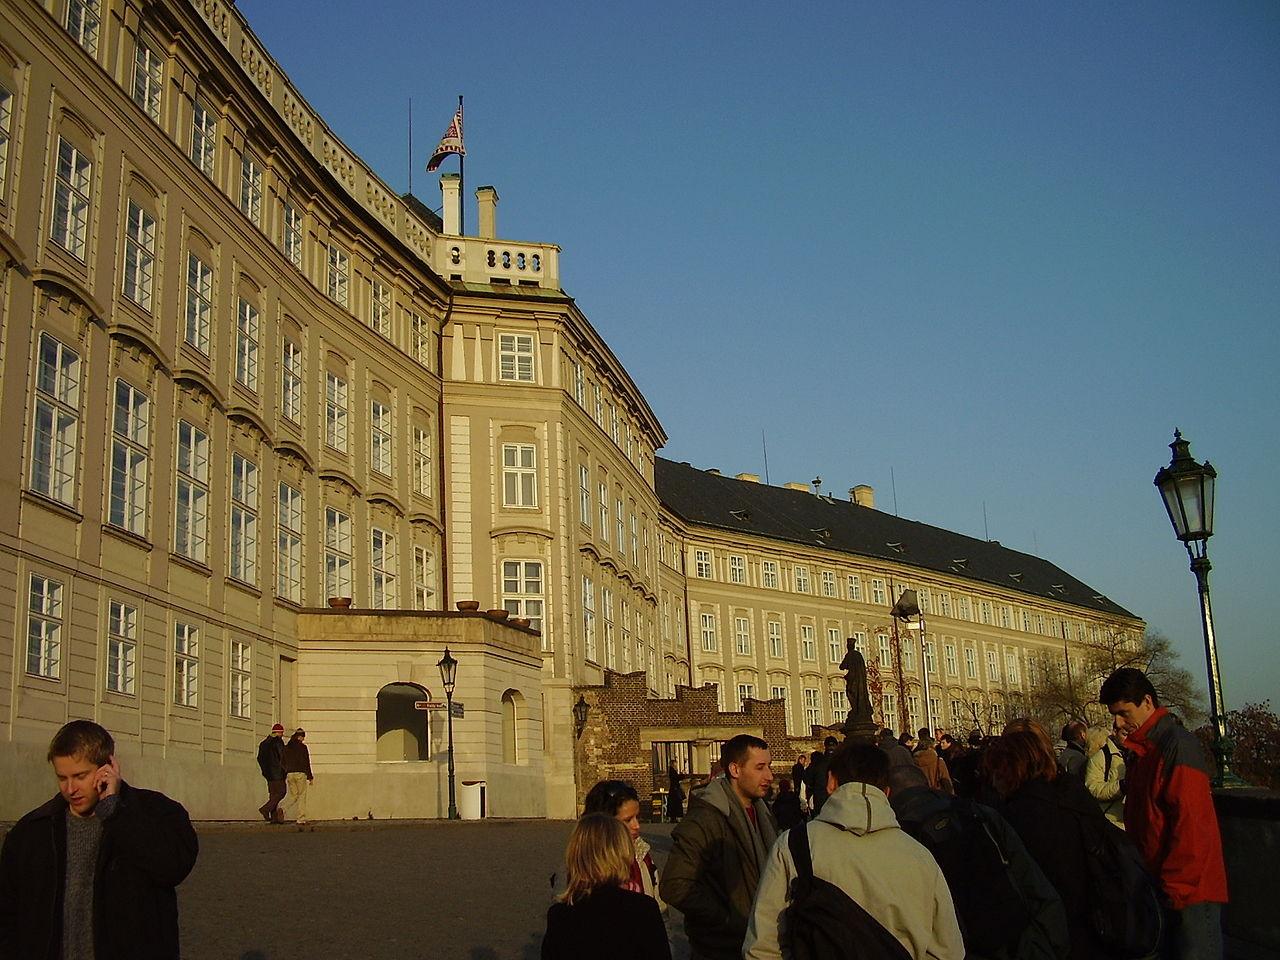 1280px-prague-2006-11-077-royal-palace